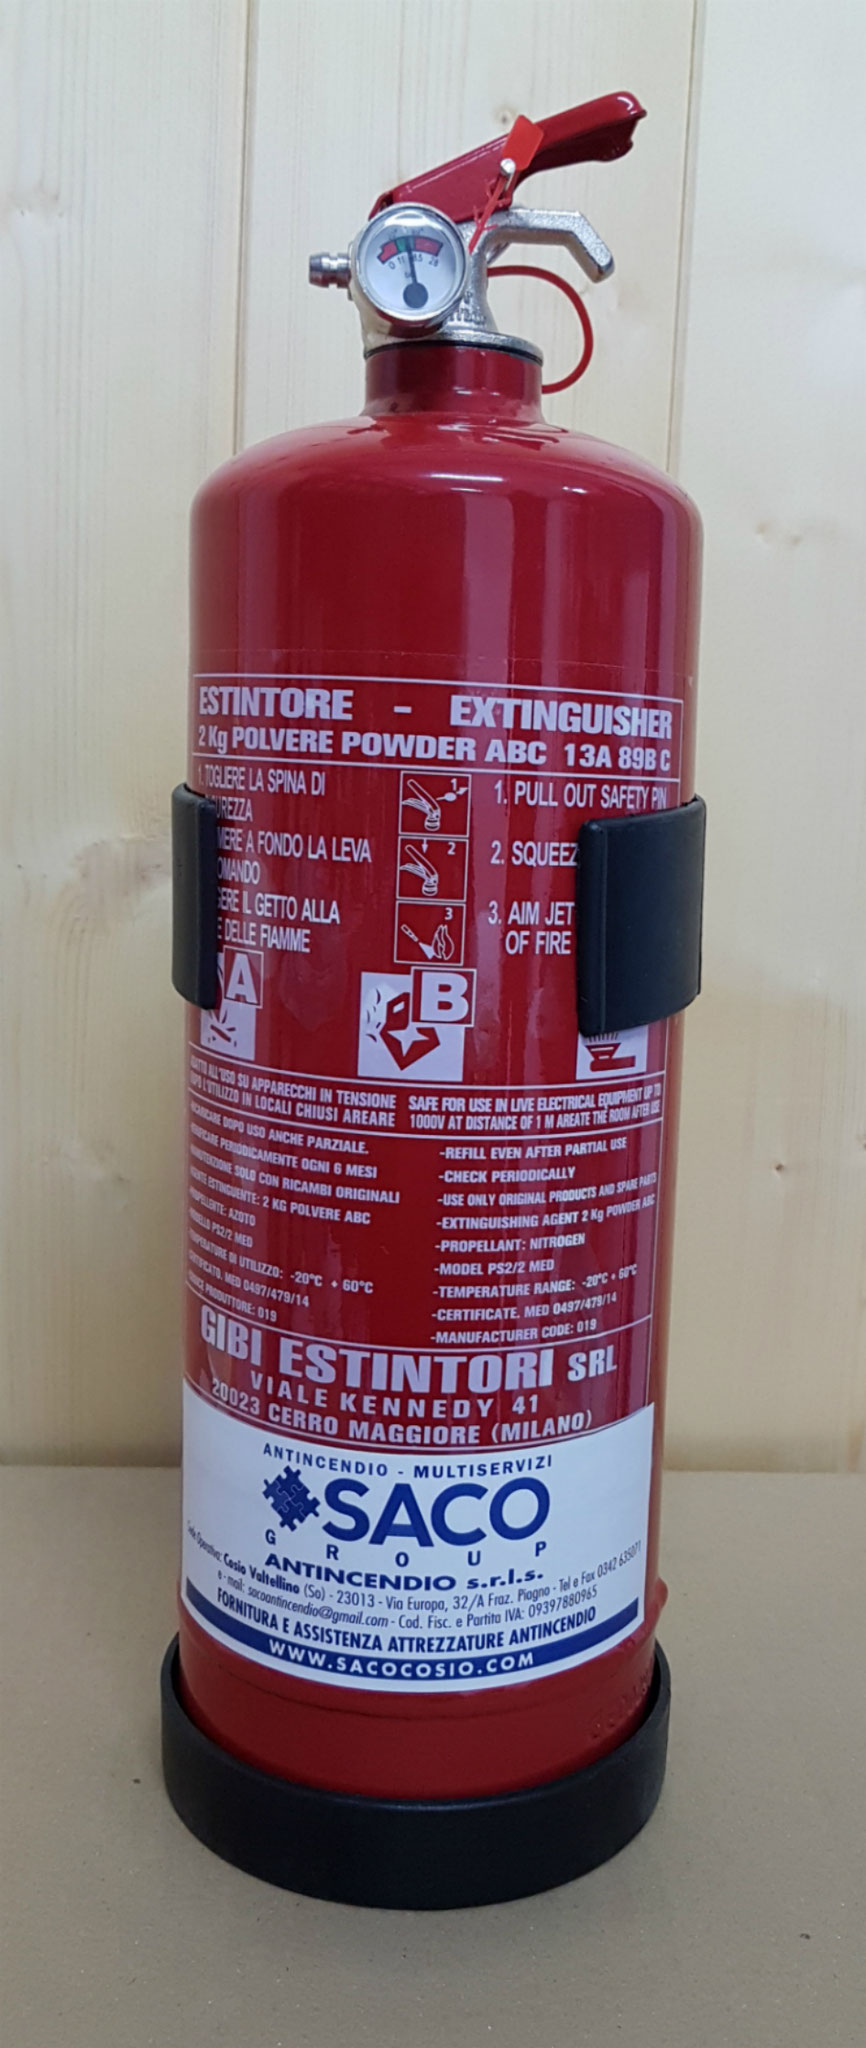 Estintore polvere ABC CE 2 kg.